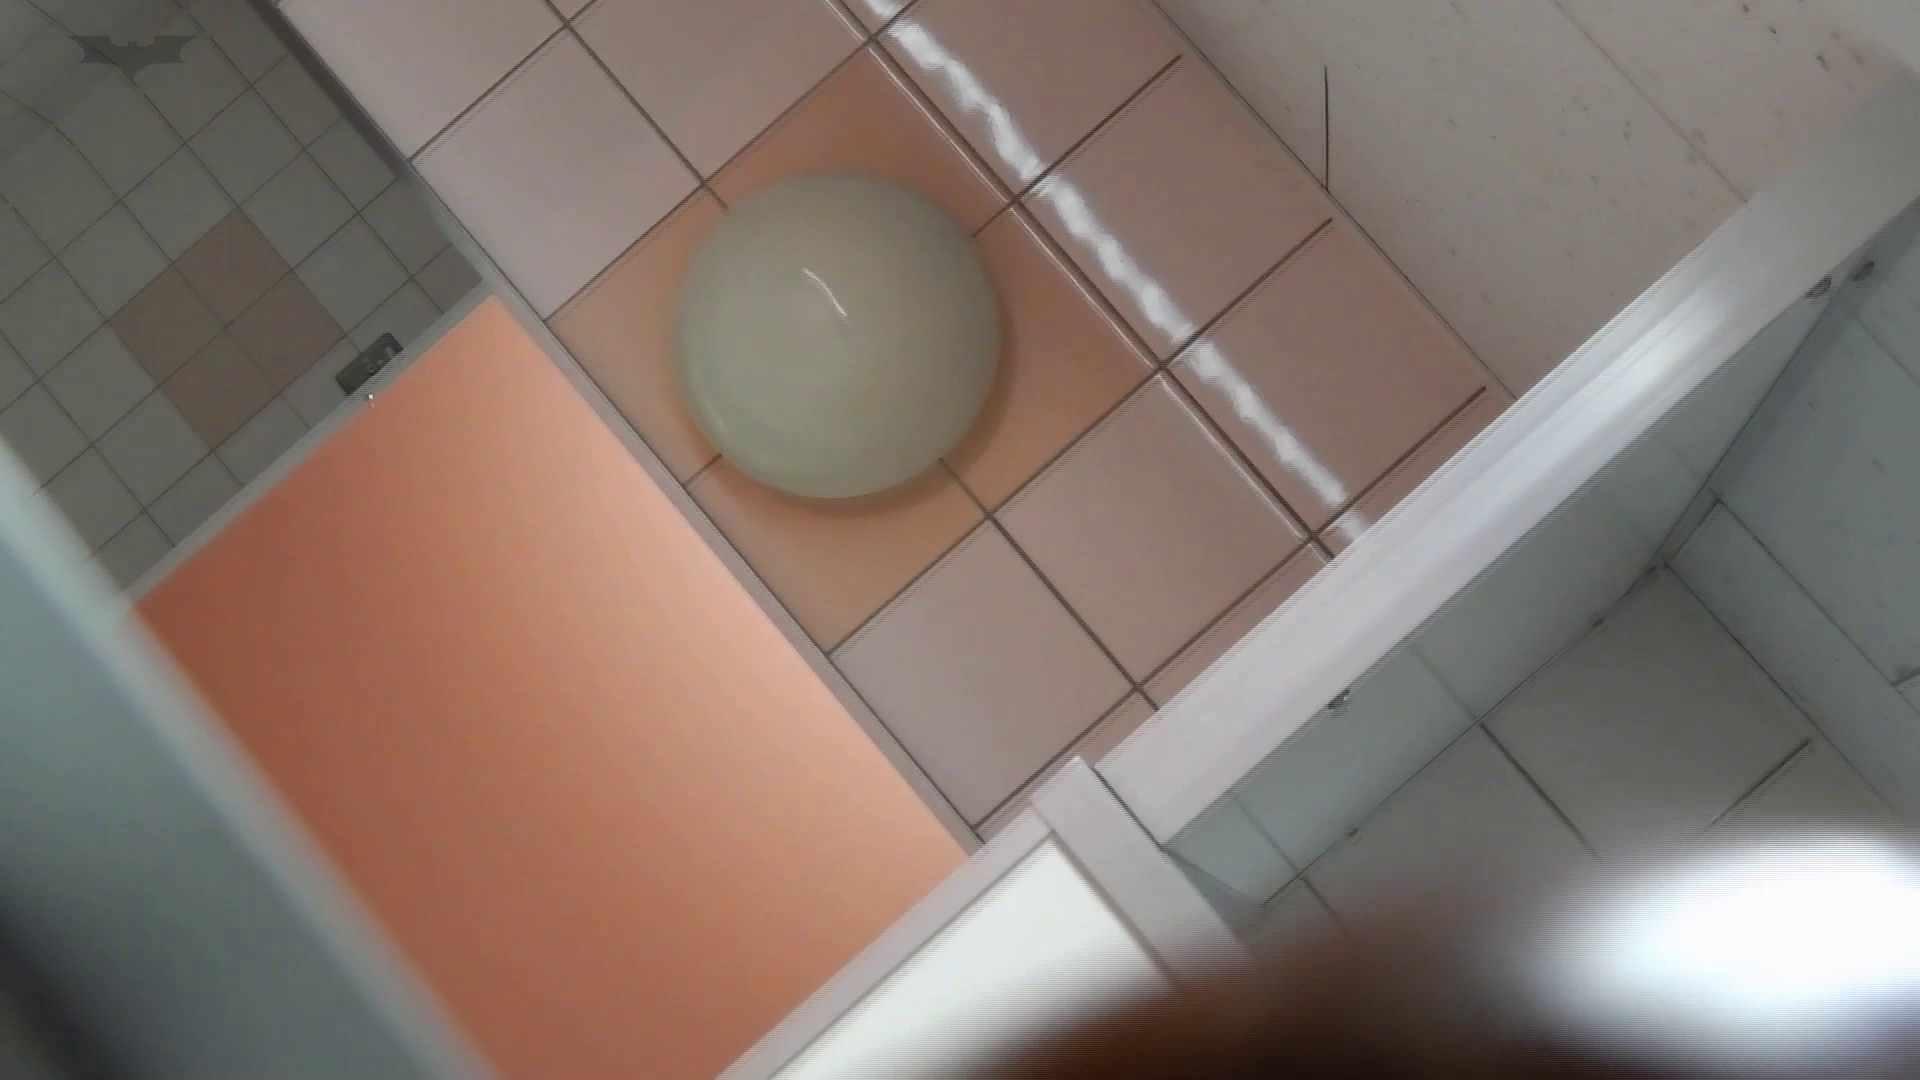 美しい日本の未来 No.19 顔全部撮れた2 盗撮映像  26Pix 7